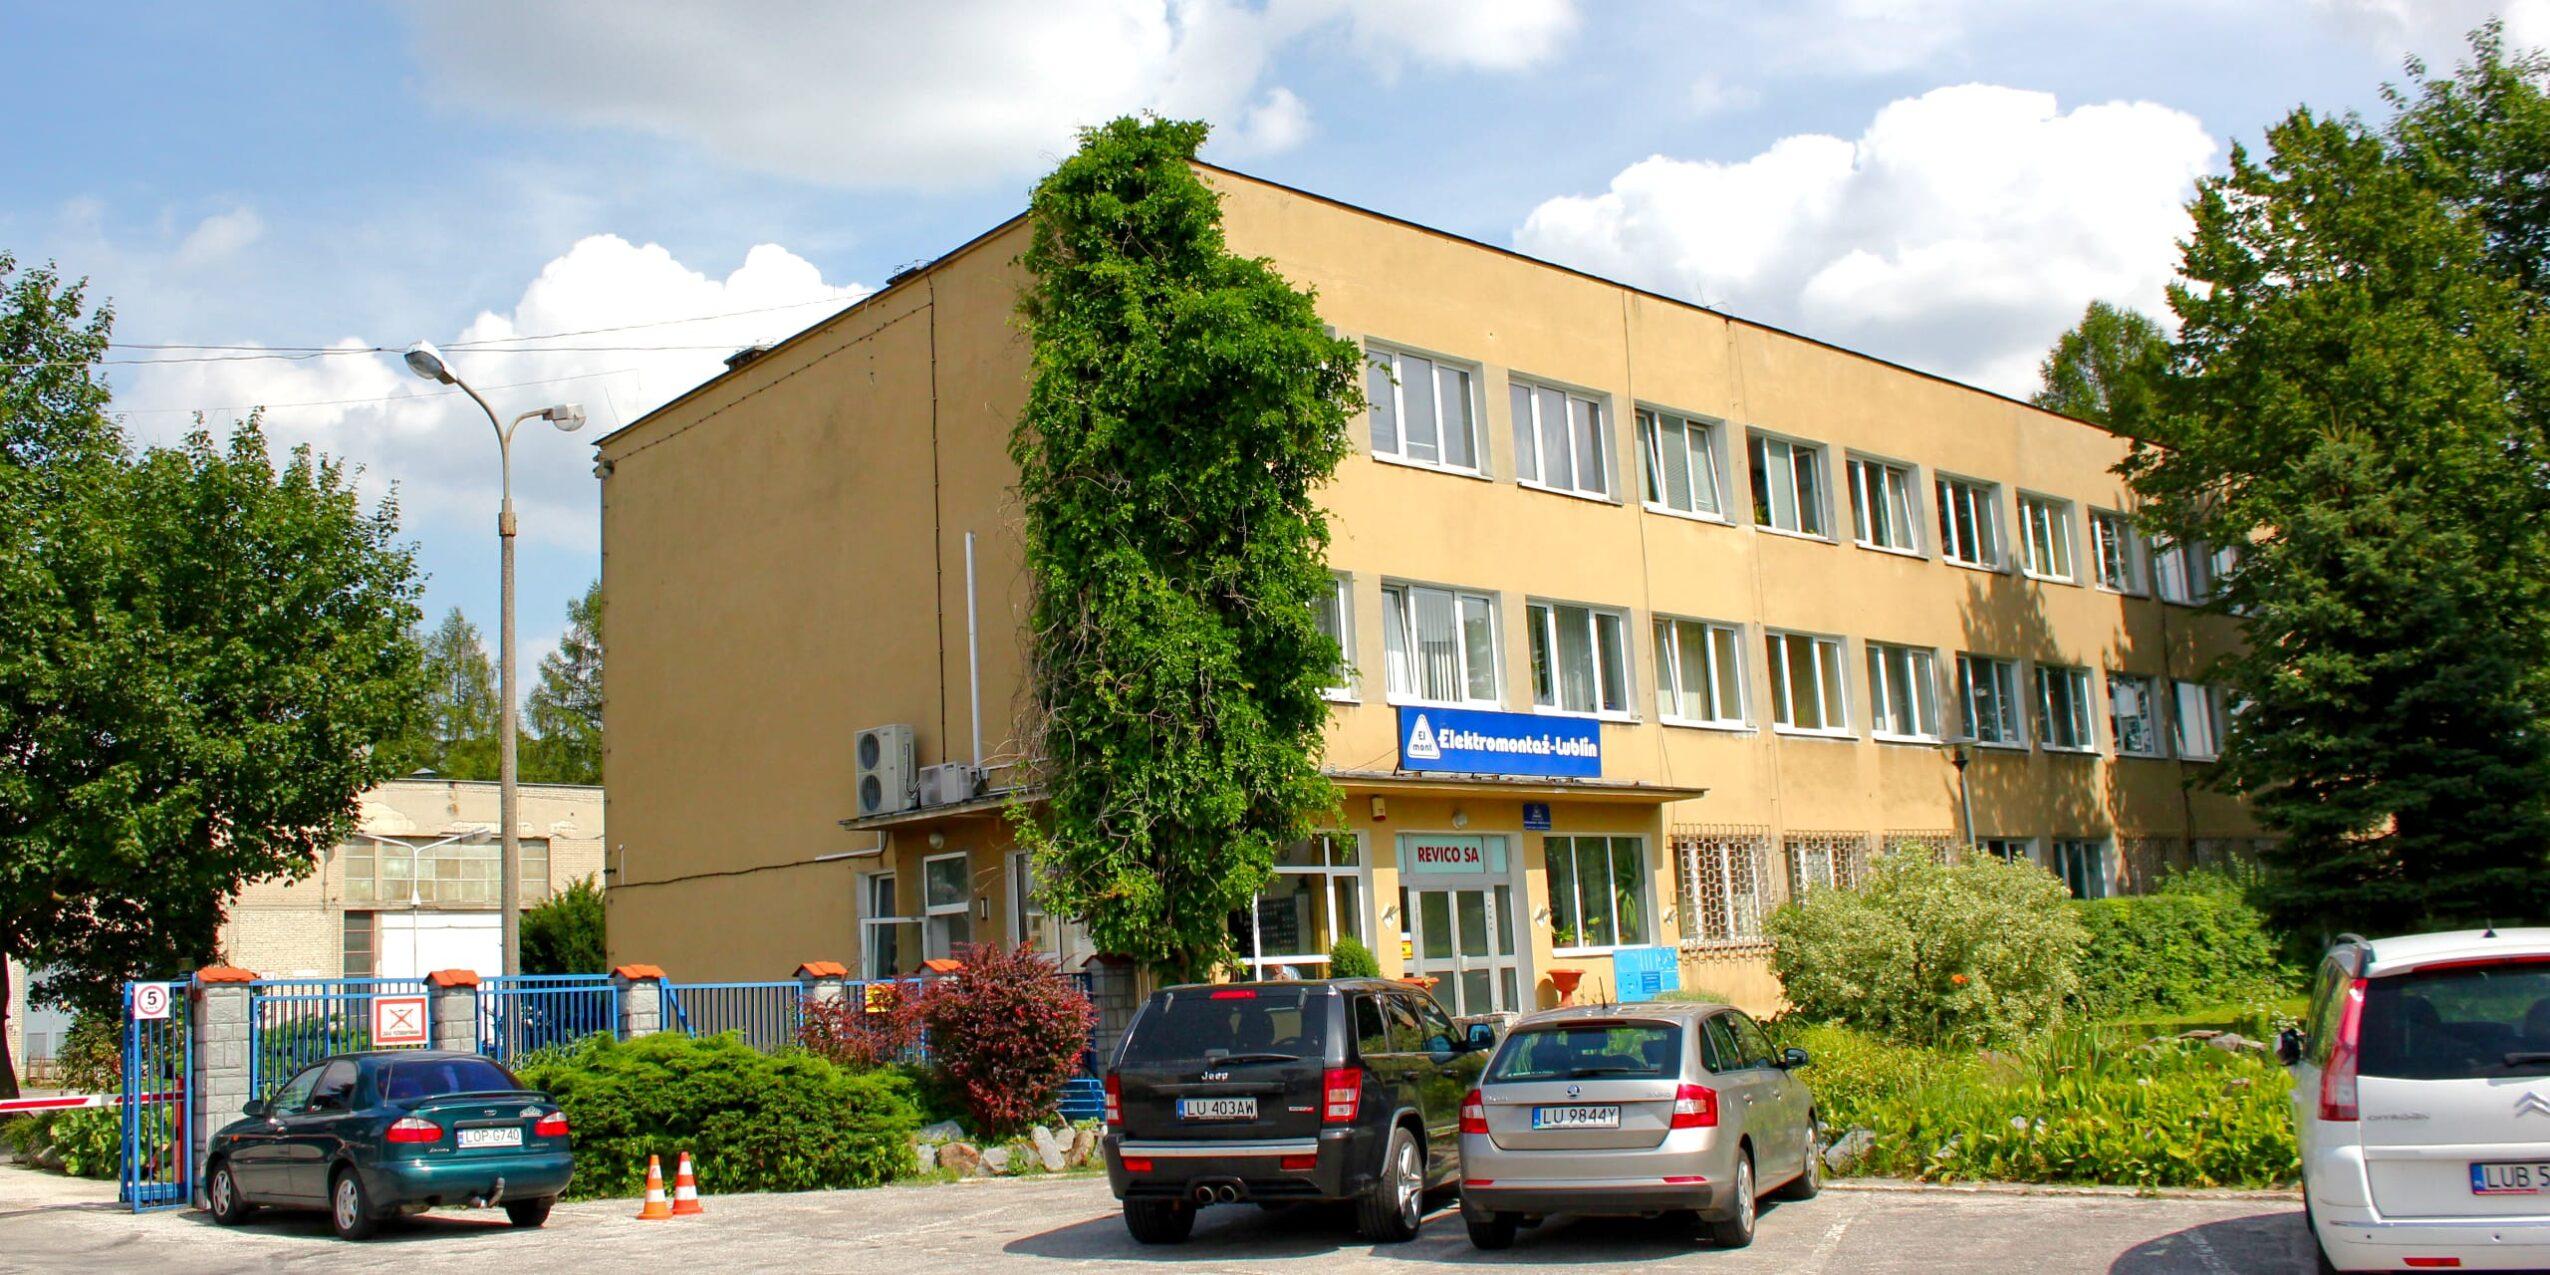 Elektromontaż Lublin Sp. z o.o.